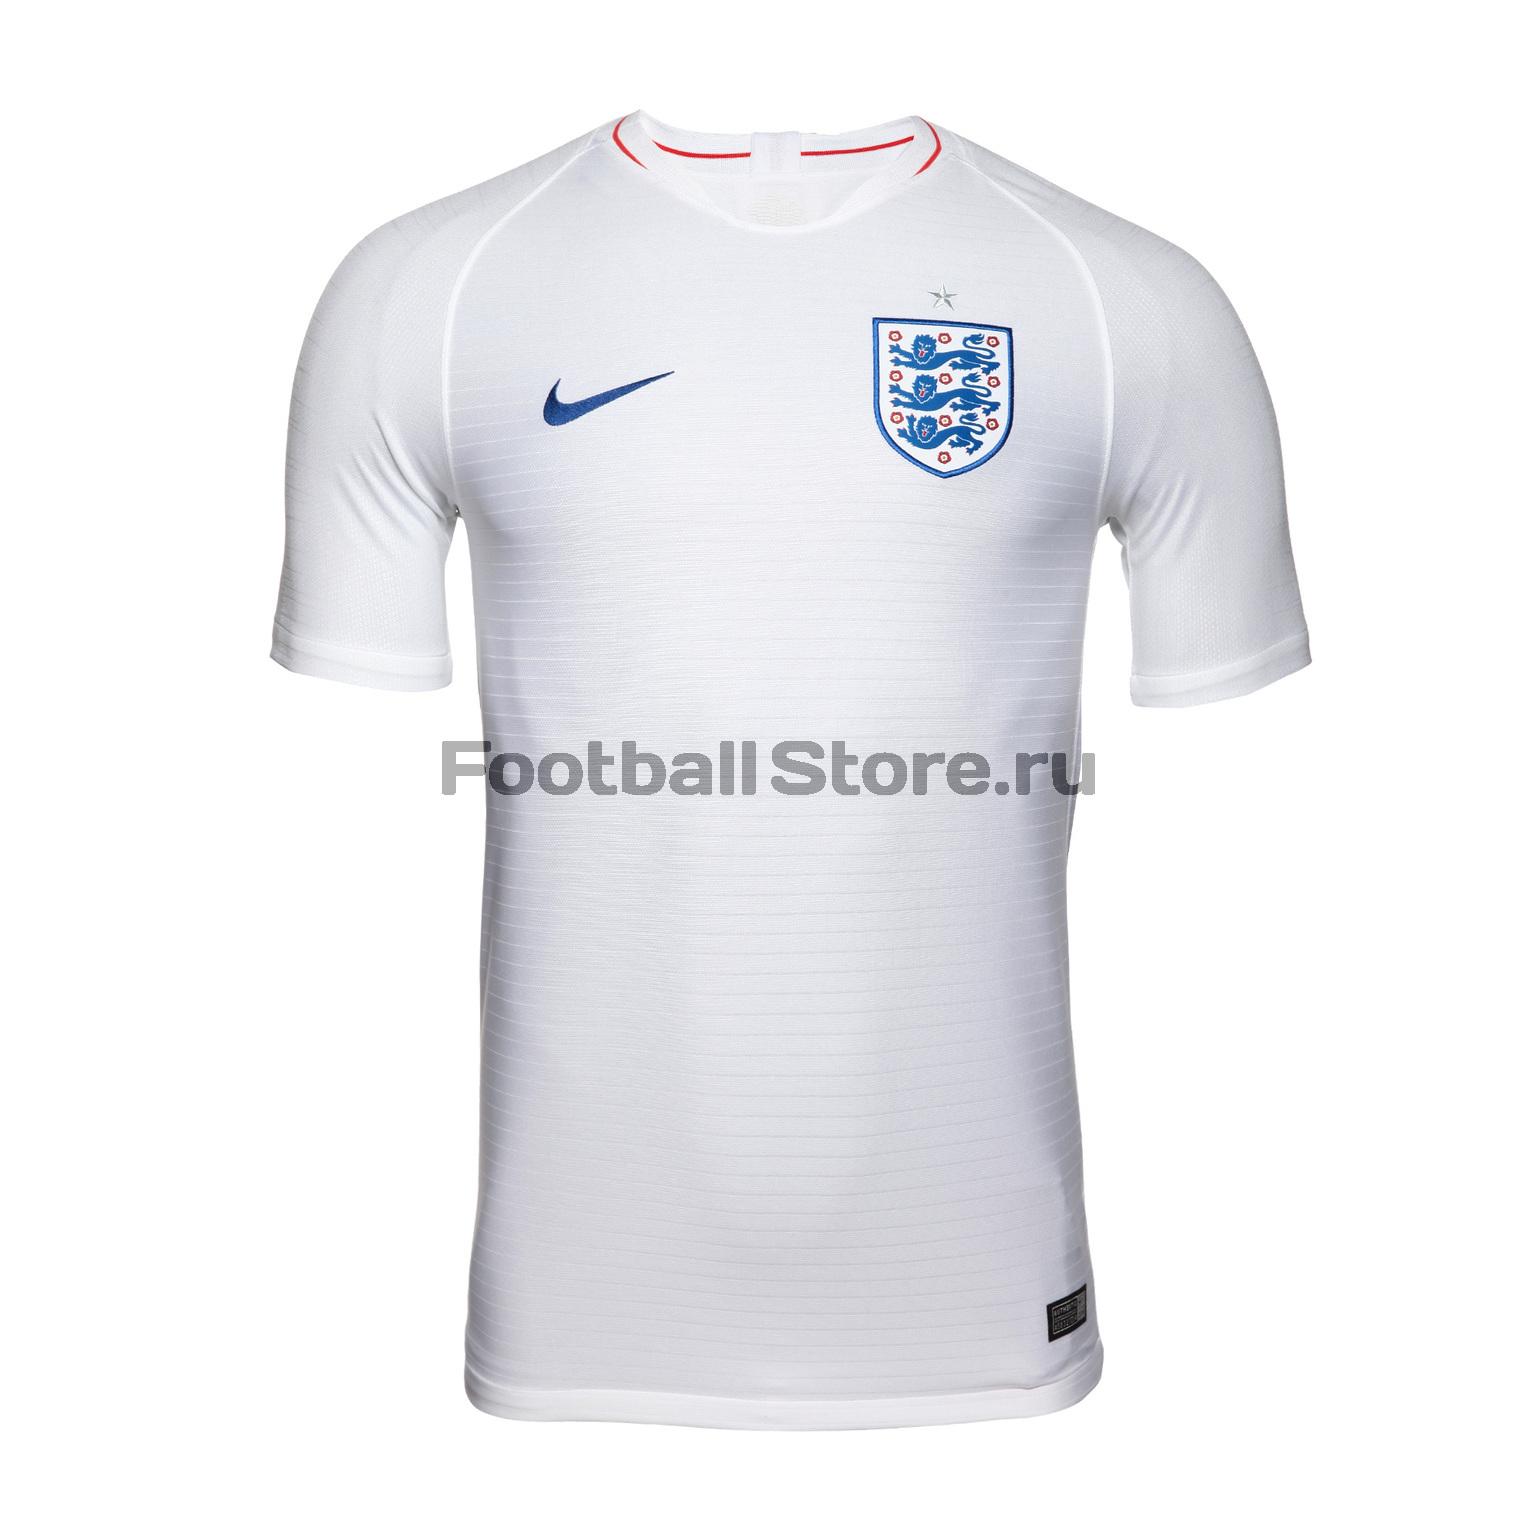 Футболка игровая домашняя Nike сборной Англии 893868-100 футболки nike футболка игровая nike trophy iii 881483 410